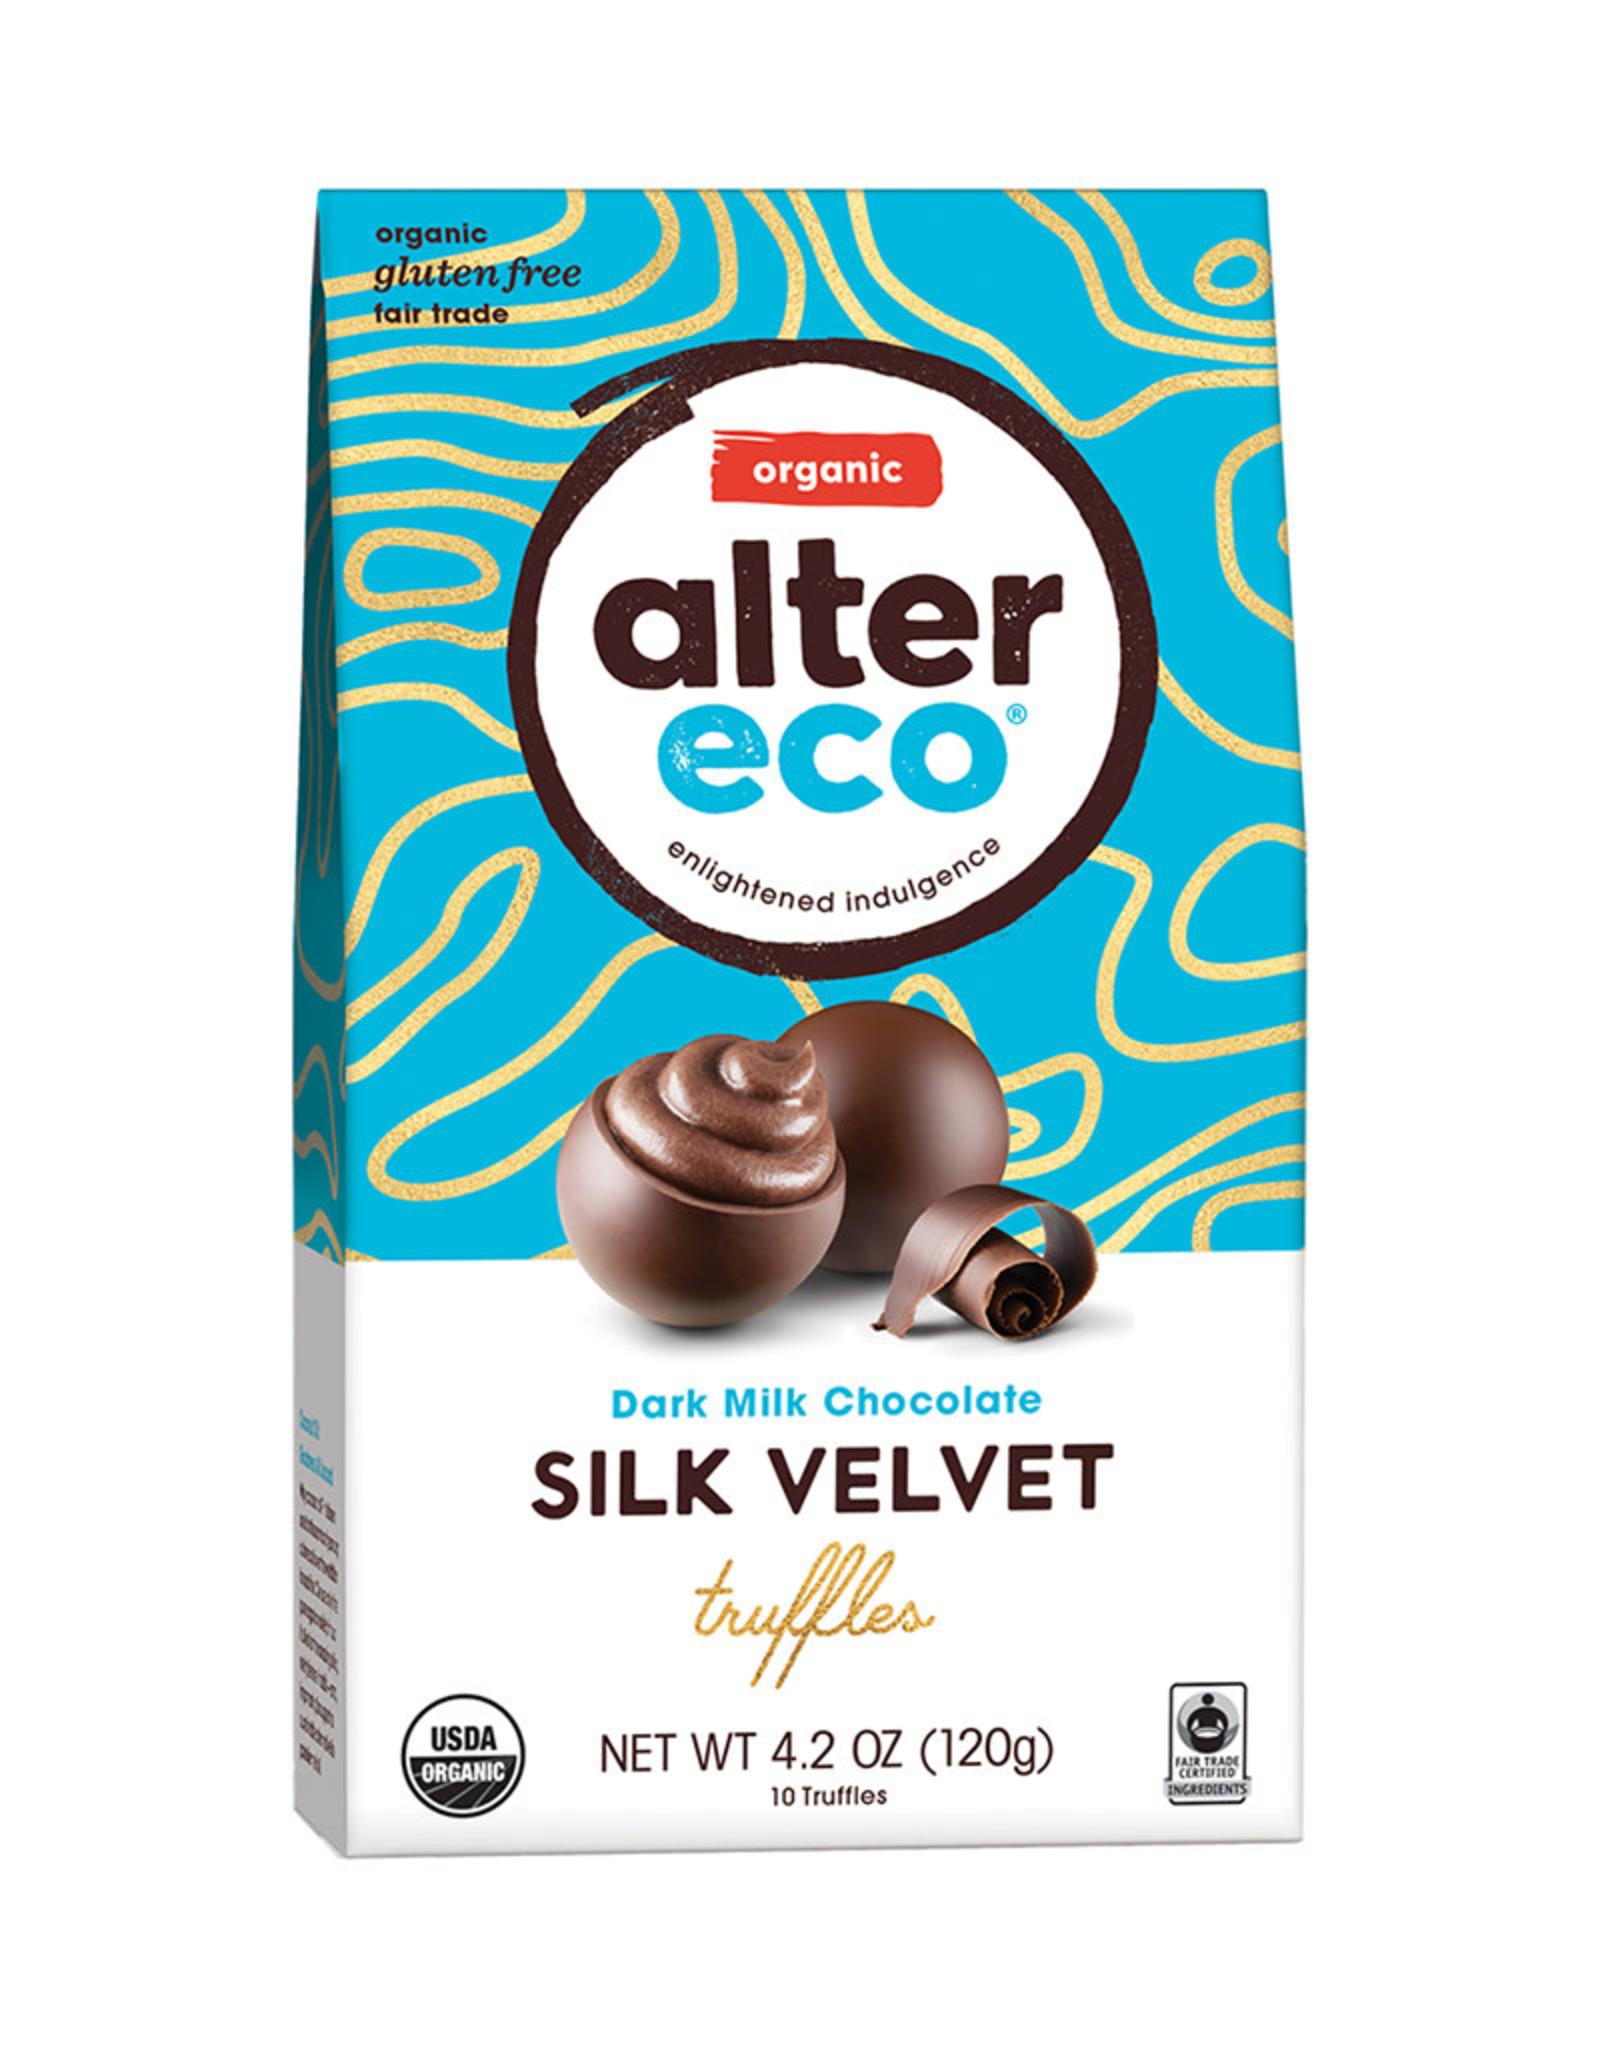 Alter Eco Alter Eco - Truffles, Silk Velvet - Full Box